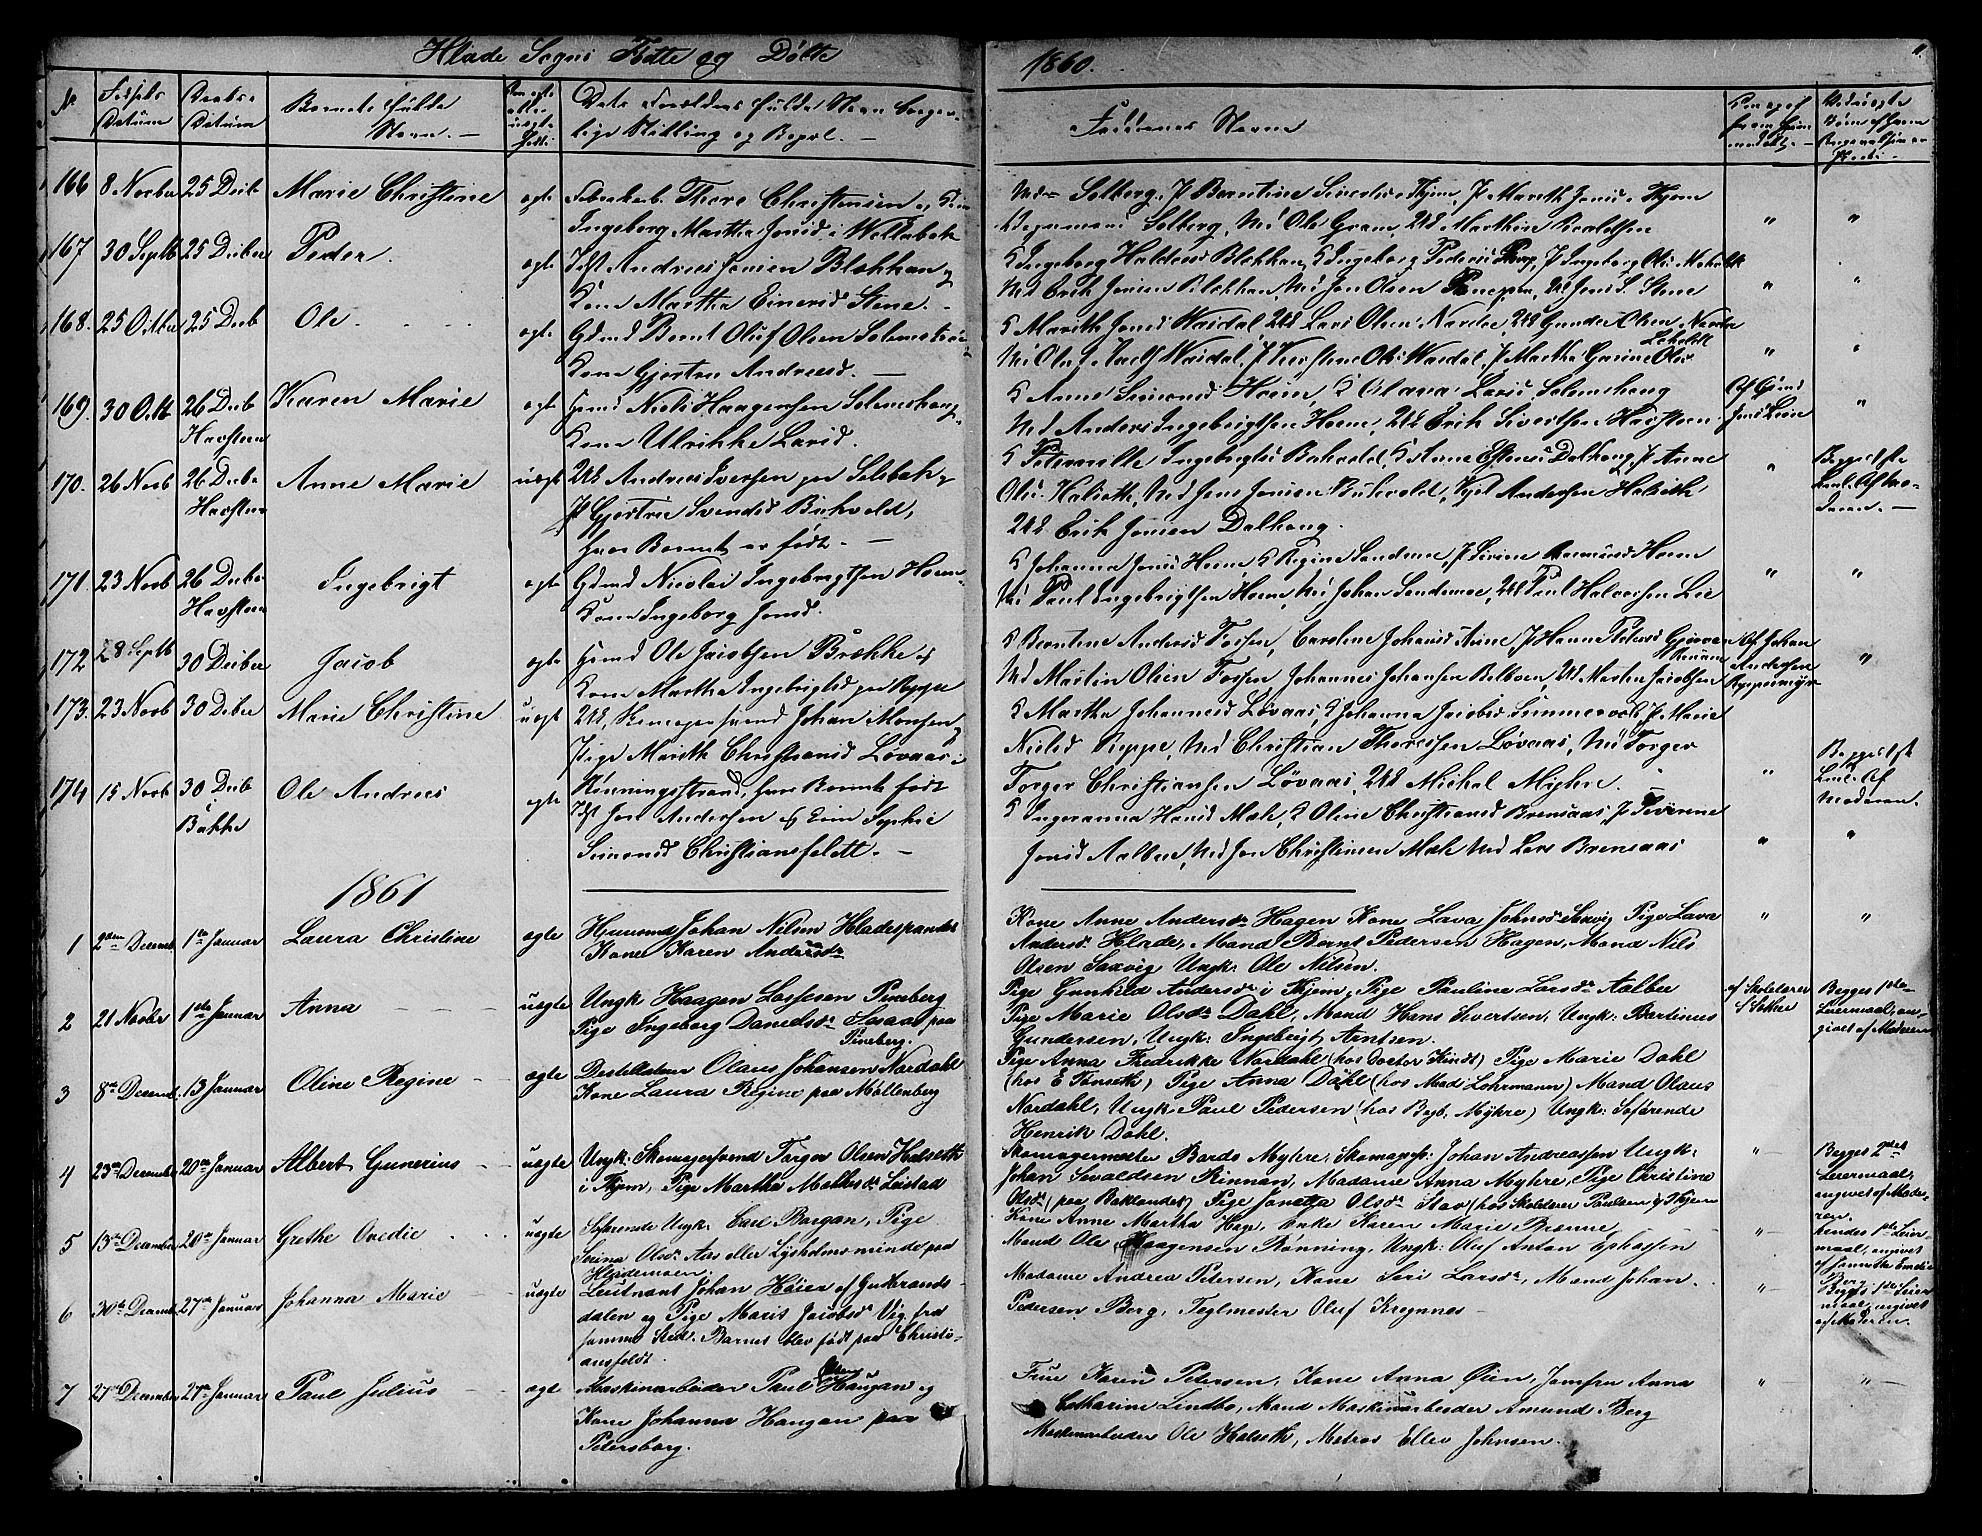 SAT, Ministerialprotokoller, klokkerbøker og fødselsregistre - Sør-Trøndelag, 606/L0311: Klokkerbok nr. 606C07, 1860-1877, s. 11